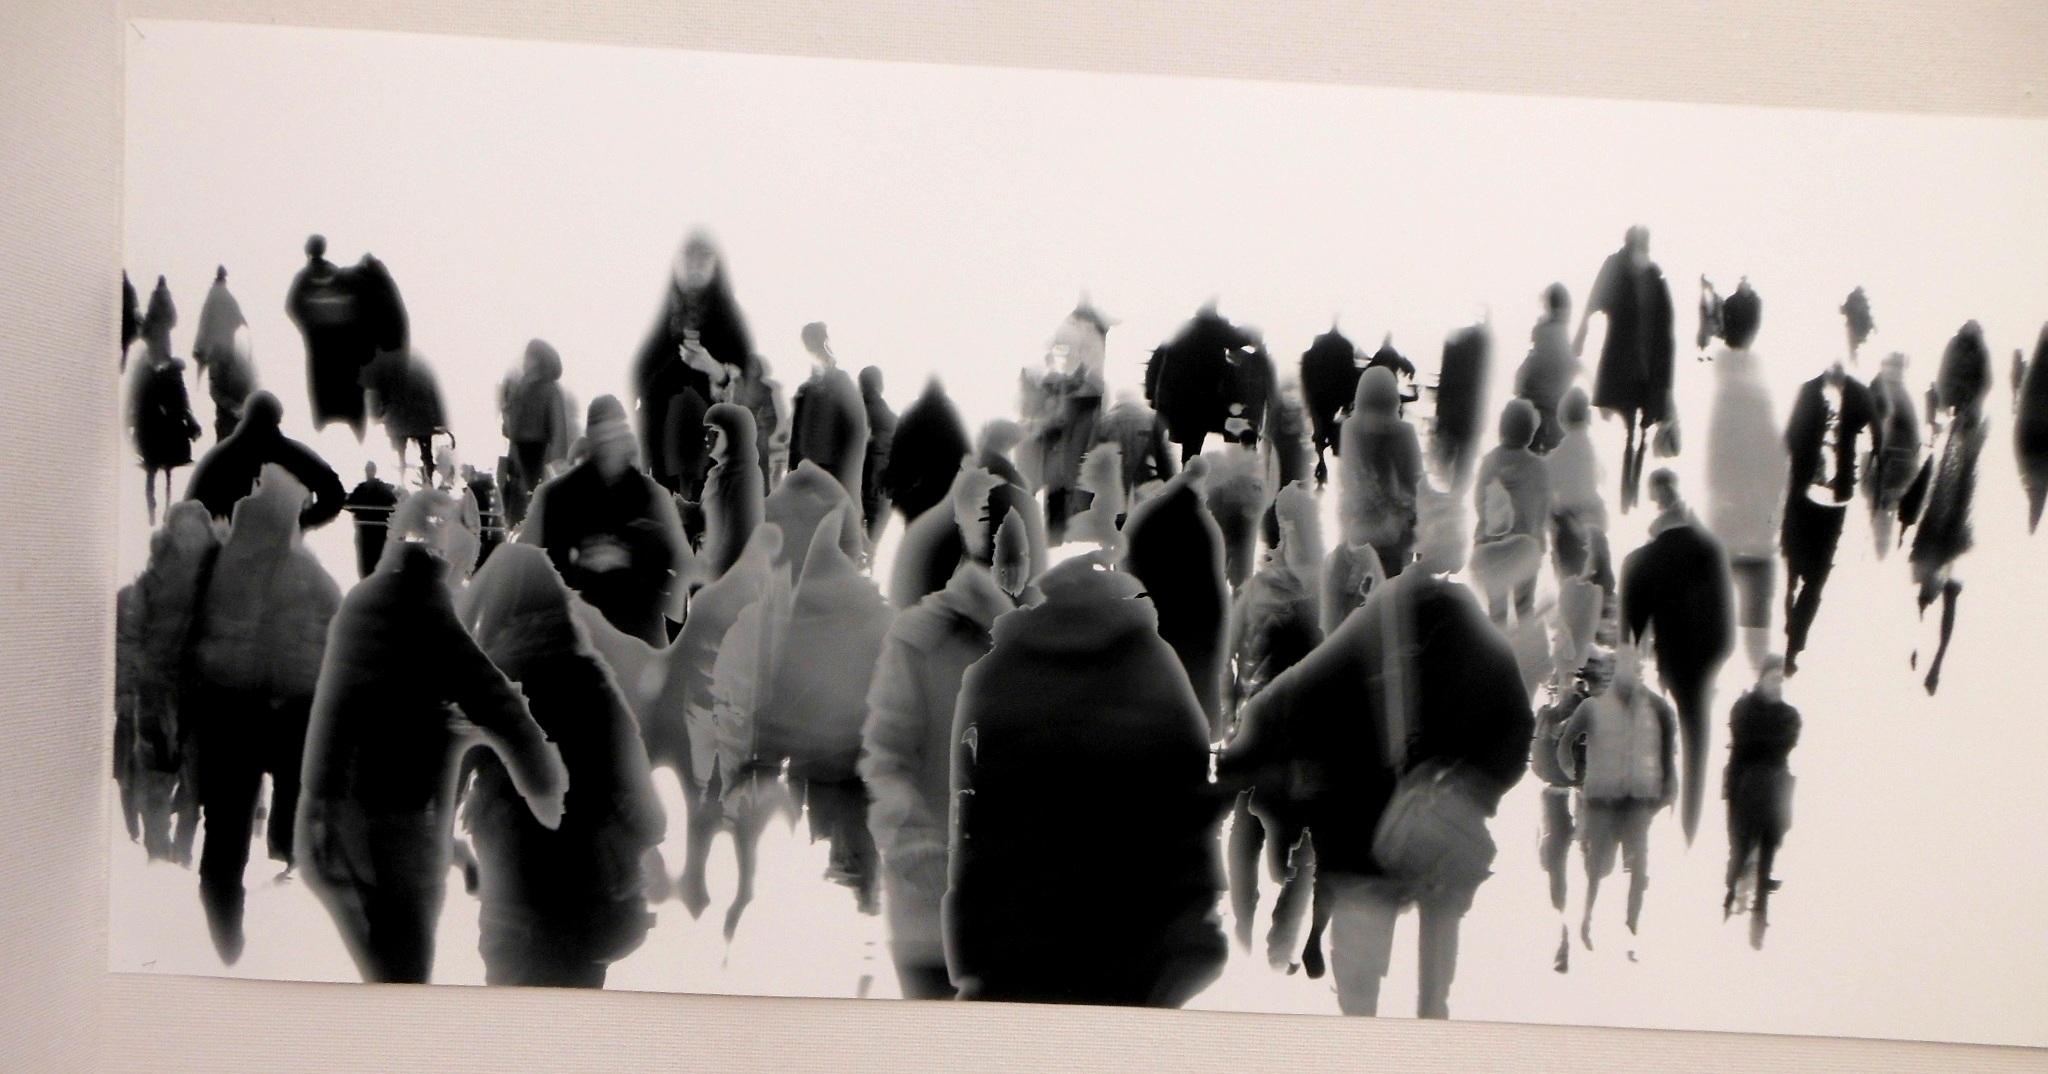 1769)①「山岸せいじ・展 『あわいを覗く』」 茶廊法邑 5月26日(土)~6月3日(日)_f0126829_20471769.jpg